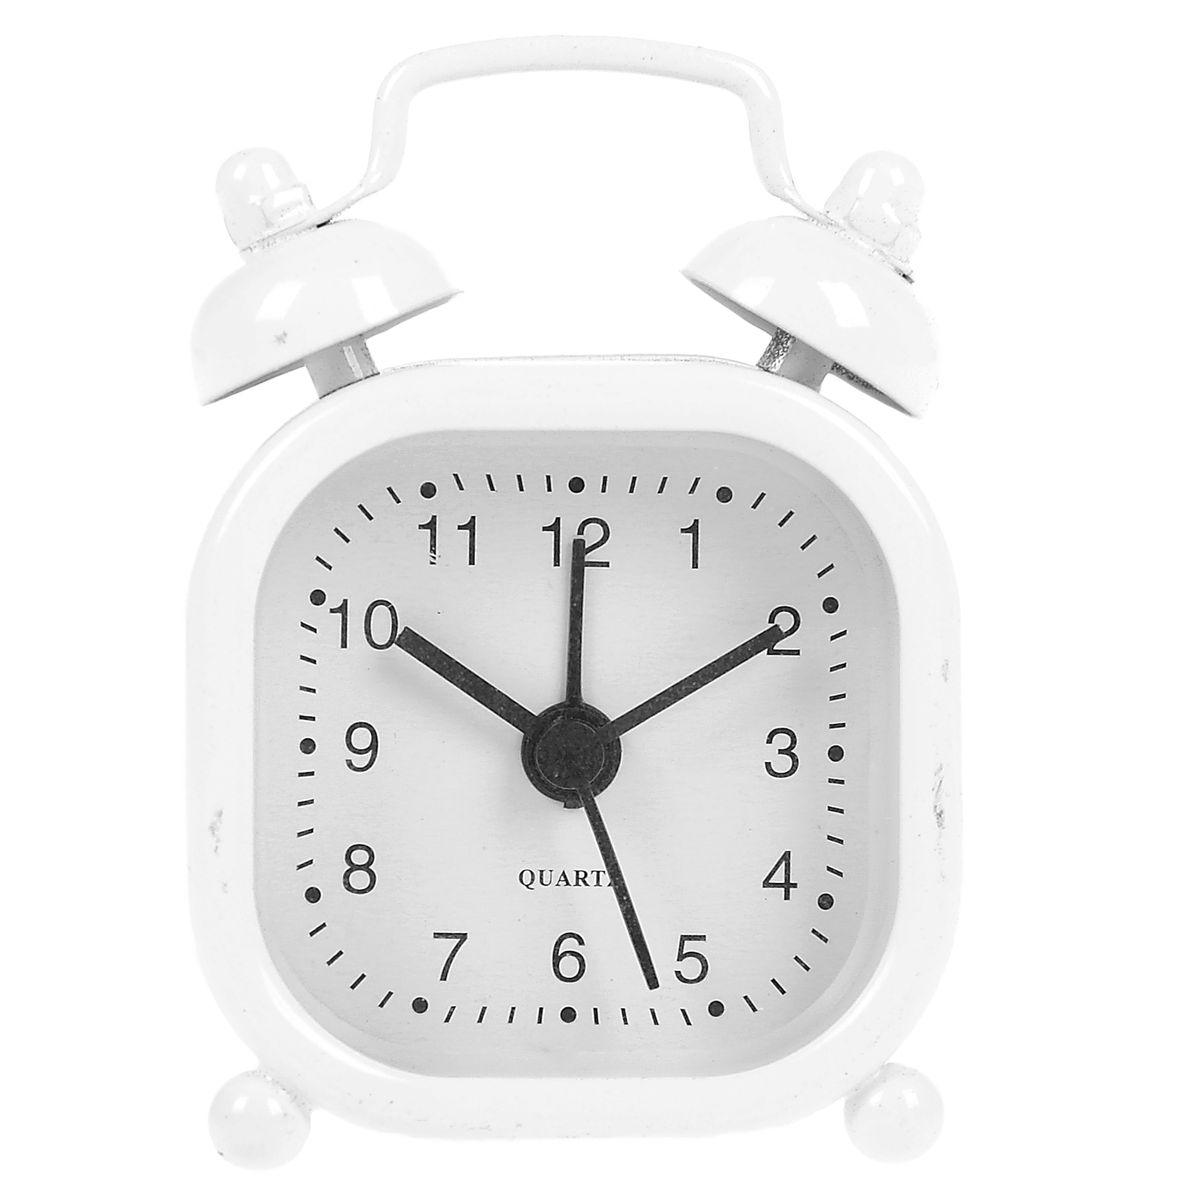 Часы-будильник Sima-land, цвет: белый. 840949N-08Как же сложно иногда вставать вовремя! Всегда так хочется поспать еще хотя бы 5 минут и бывает, что мы просыпаем. Теперь этого не случится! Яркий, оригинальный будильник Sima-land поможет вам всегда вставать в нужное время и успевать везде и всюду. Будильник украсит вашу комнату и приведет в восхищение друзей. Эта уменьшенная версия привычного будильника умещается на ладони и работает так же громко, как и привычные аналоги. Время показывает точно и будит в установленный час.На задней панели будильника расположены переключатель включения/выключения механизма, а также два колесика для настройки текущего времени и времени звонка будильника.Будильник работает от 1 батарейки типа LR44 (входит в комплект).